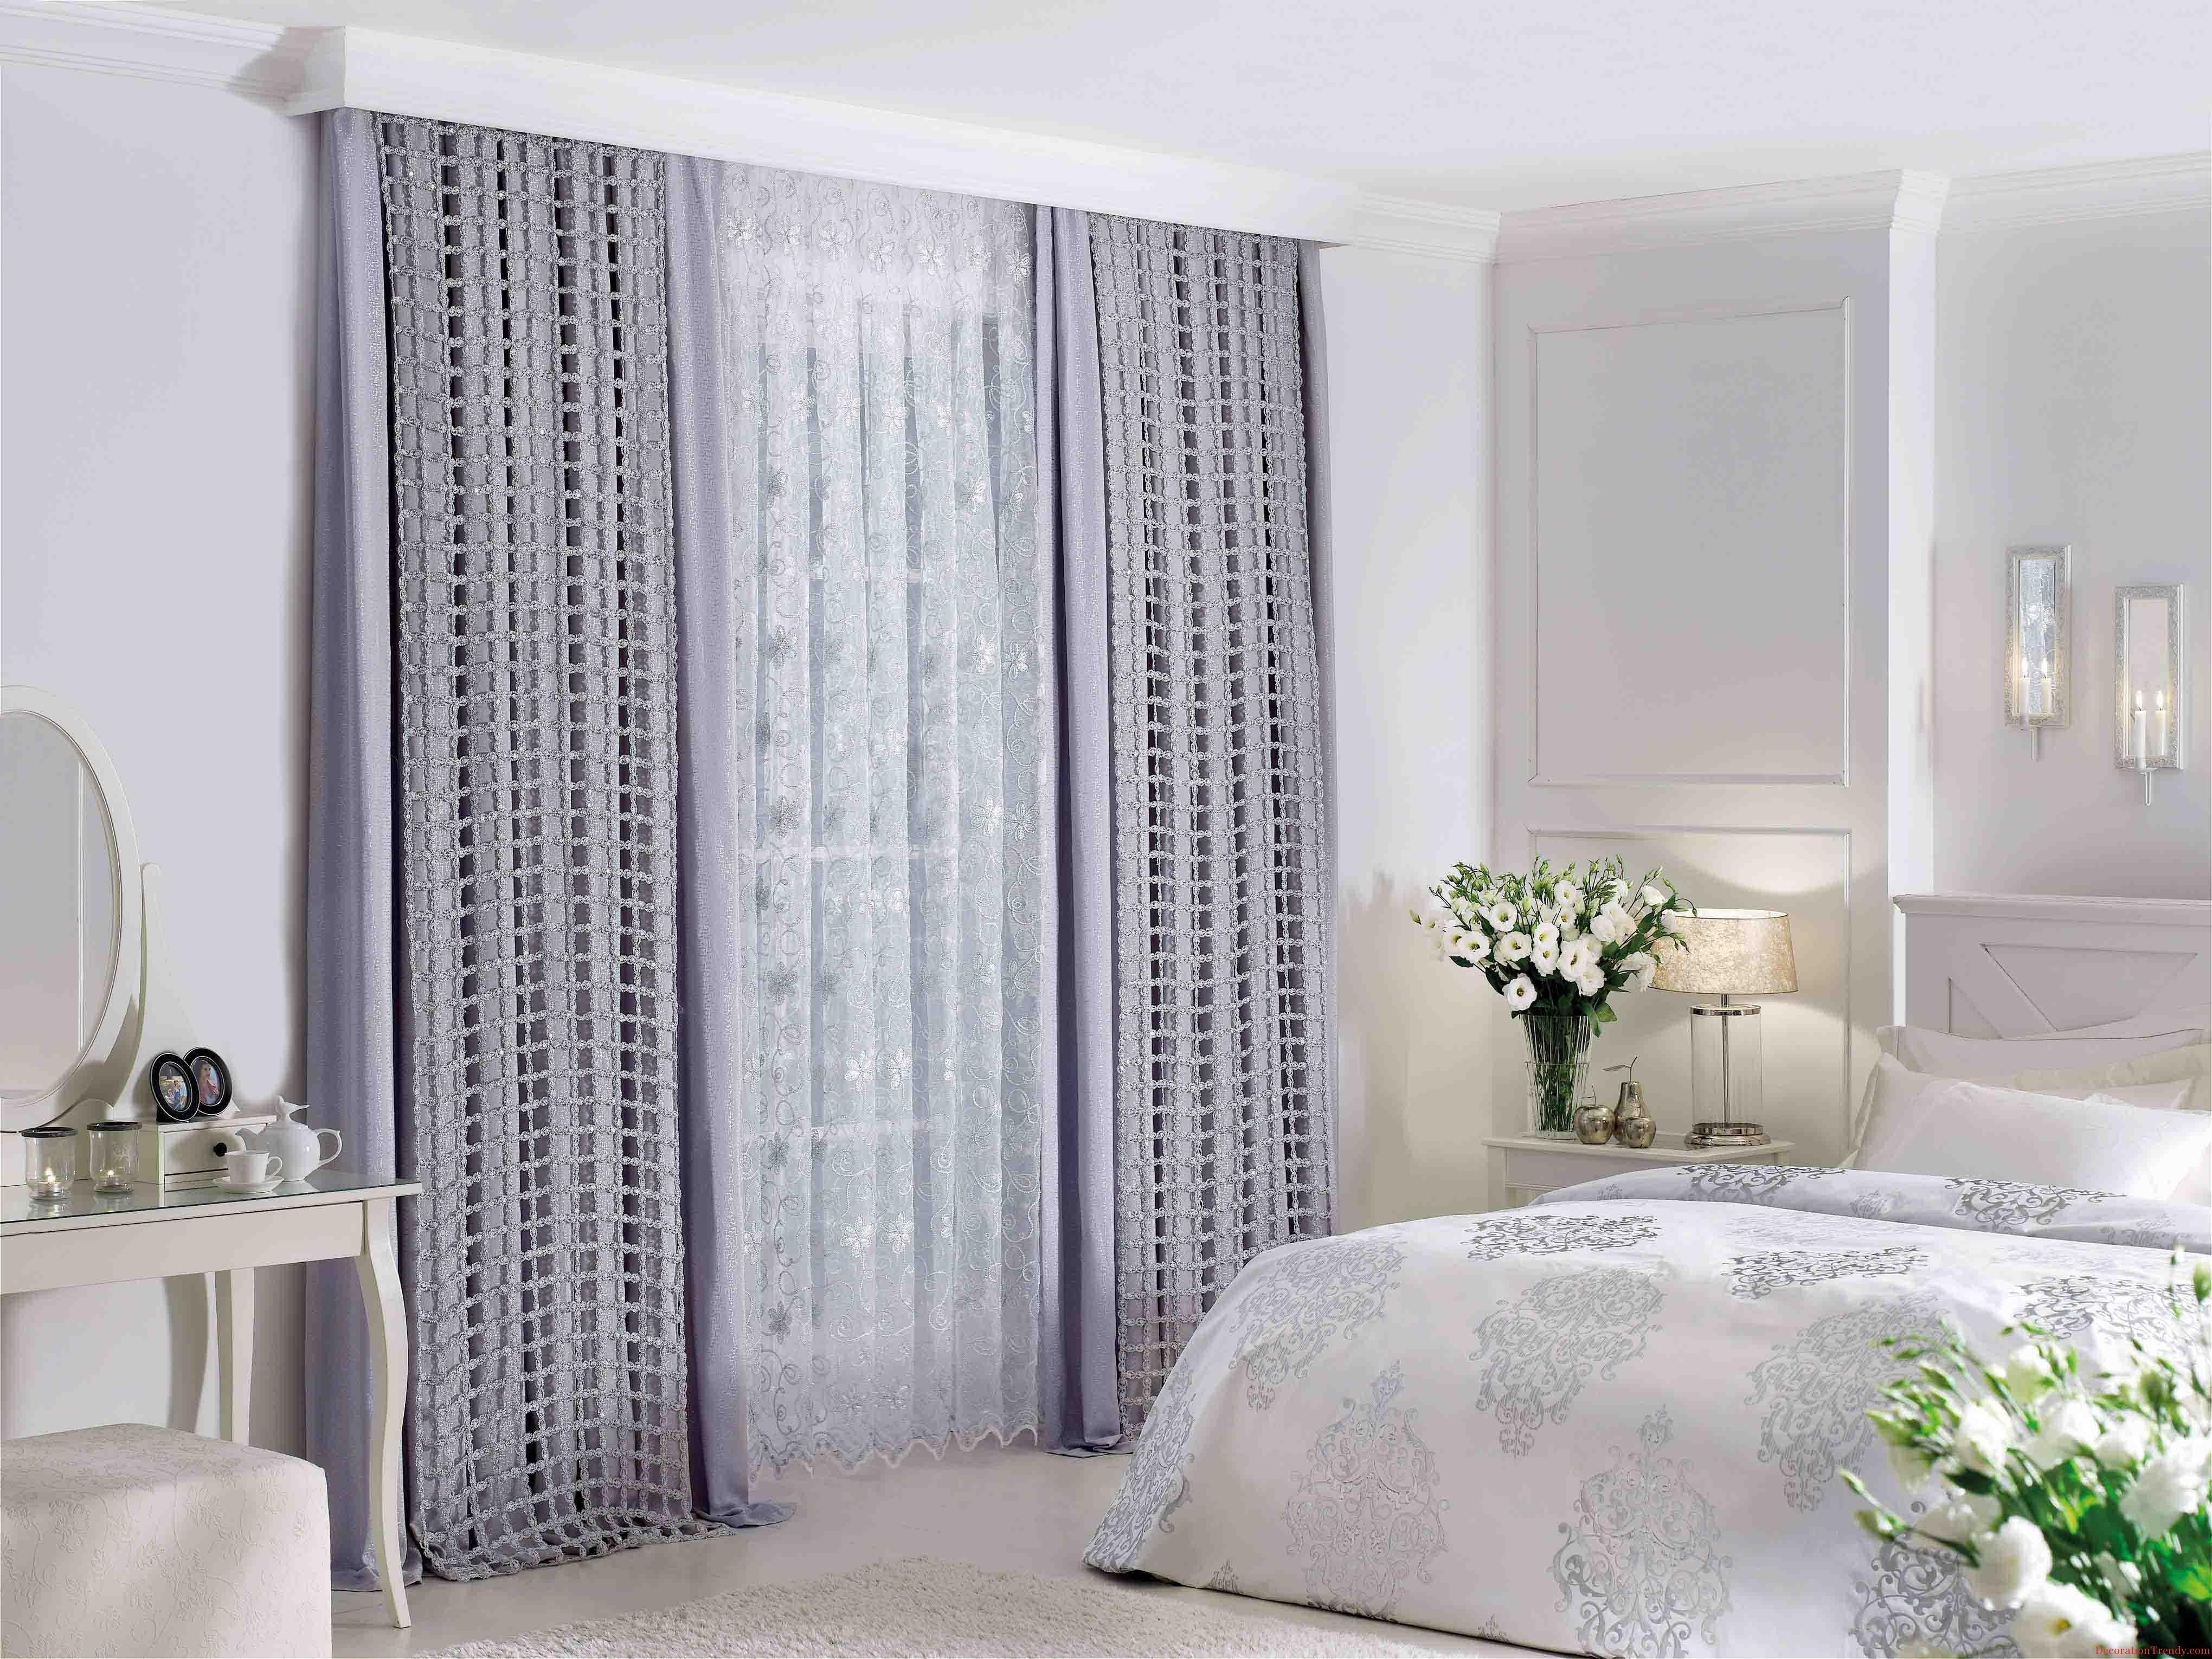 fantastisk-hvid-grå-træ-glas-cool-design-værelses-gardiner-top-grå-gardin-windows-glas-forfængelighed-kabinet-blomst-top-end-table-hvid-cover-seng-træ-bed- væg-lampe-at-værelses as well-as-værelses-forhæng-p